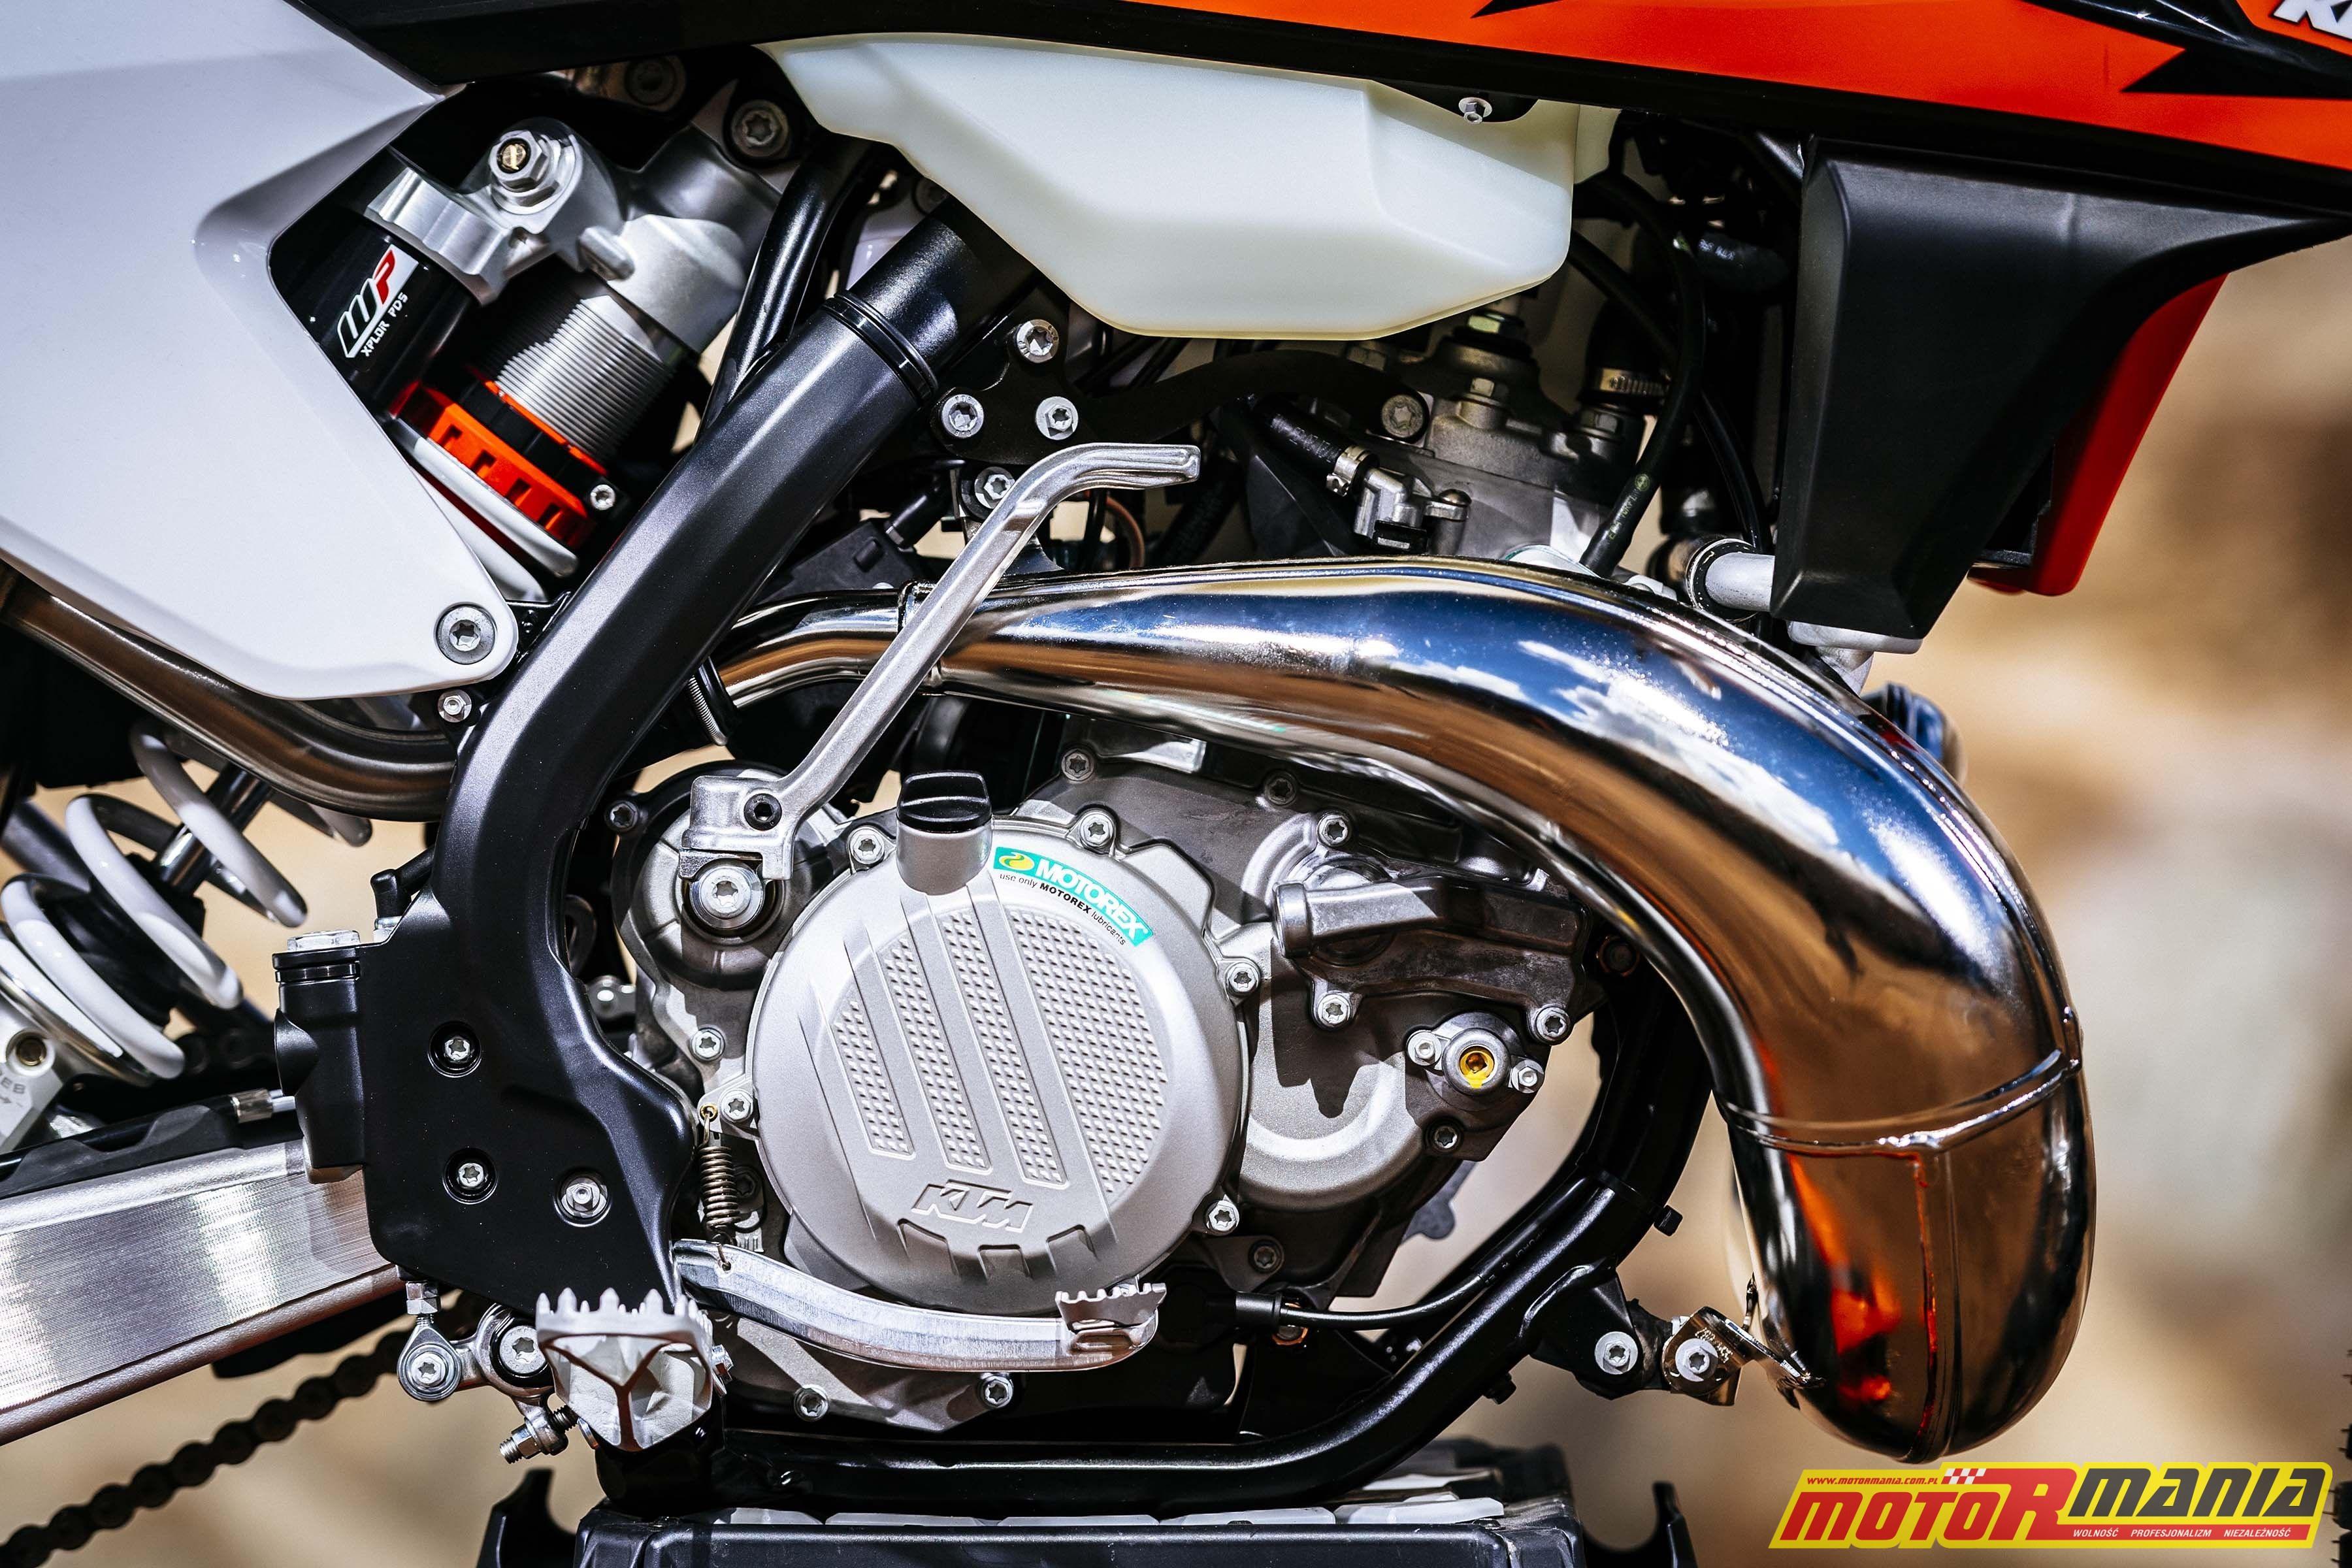 KTM 250 300 EXC TPI dwusuw z wtryskiem 2018 (9)